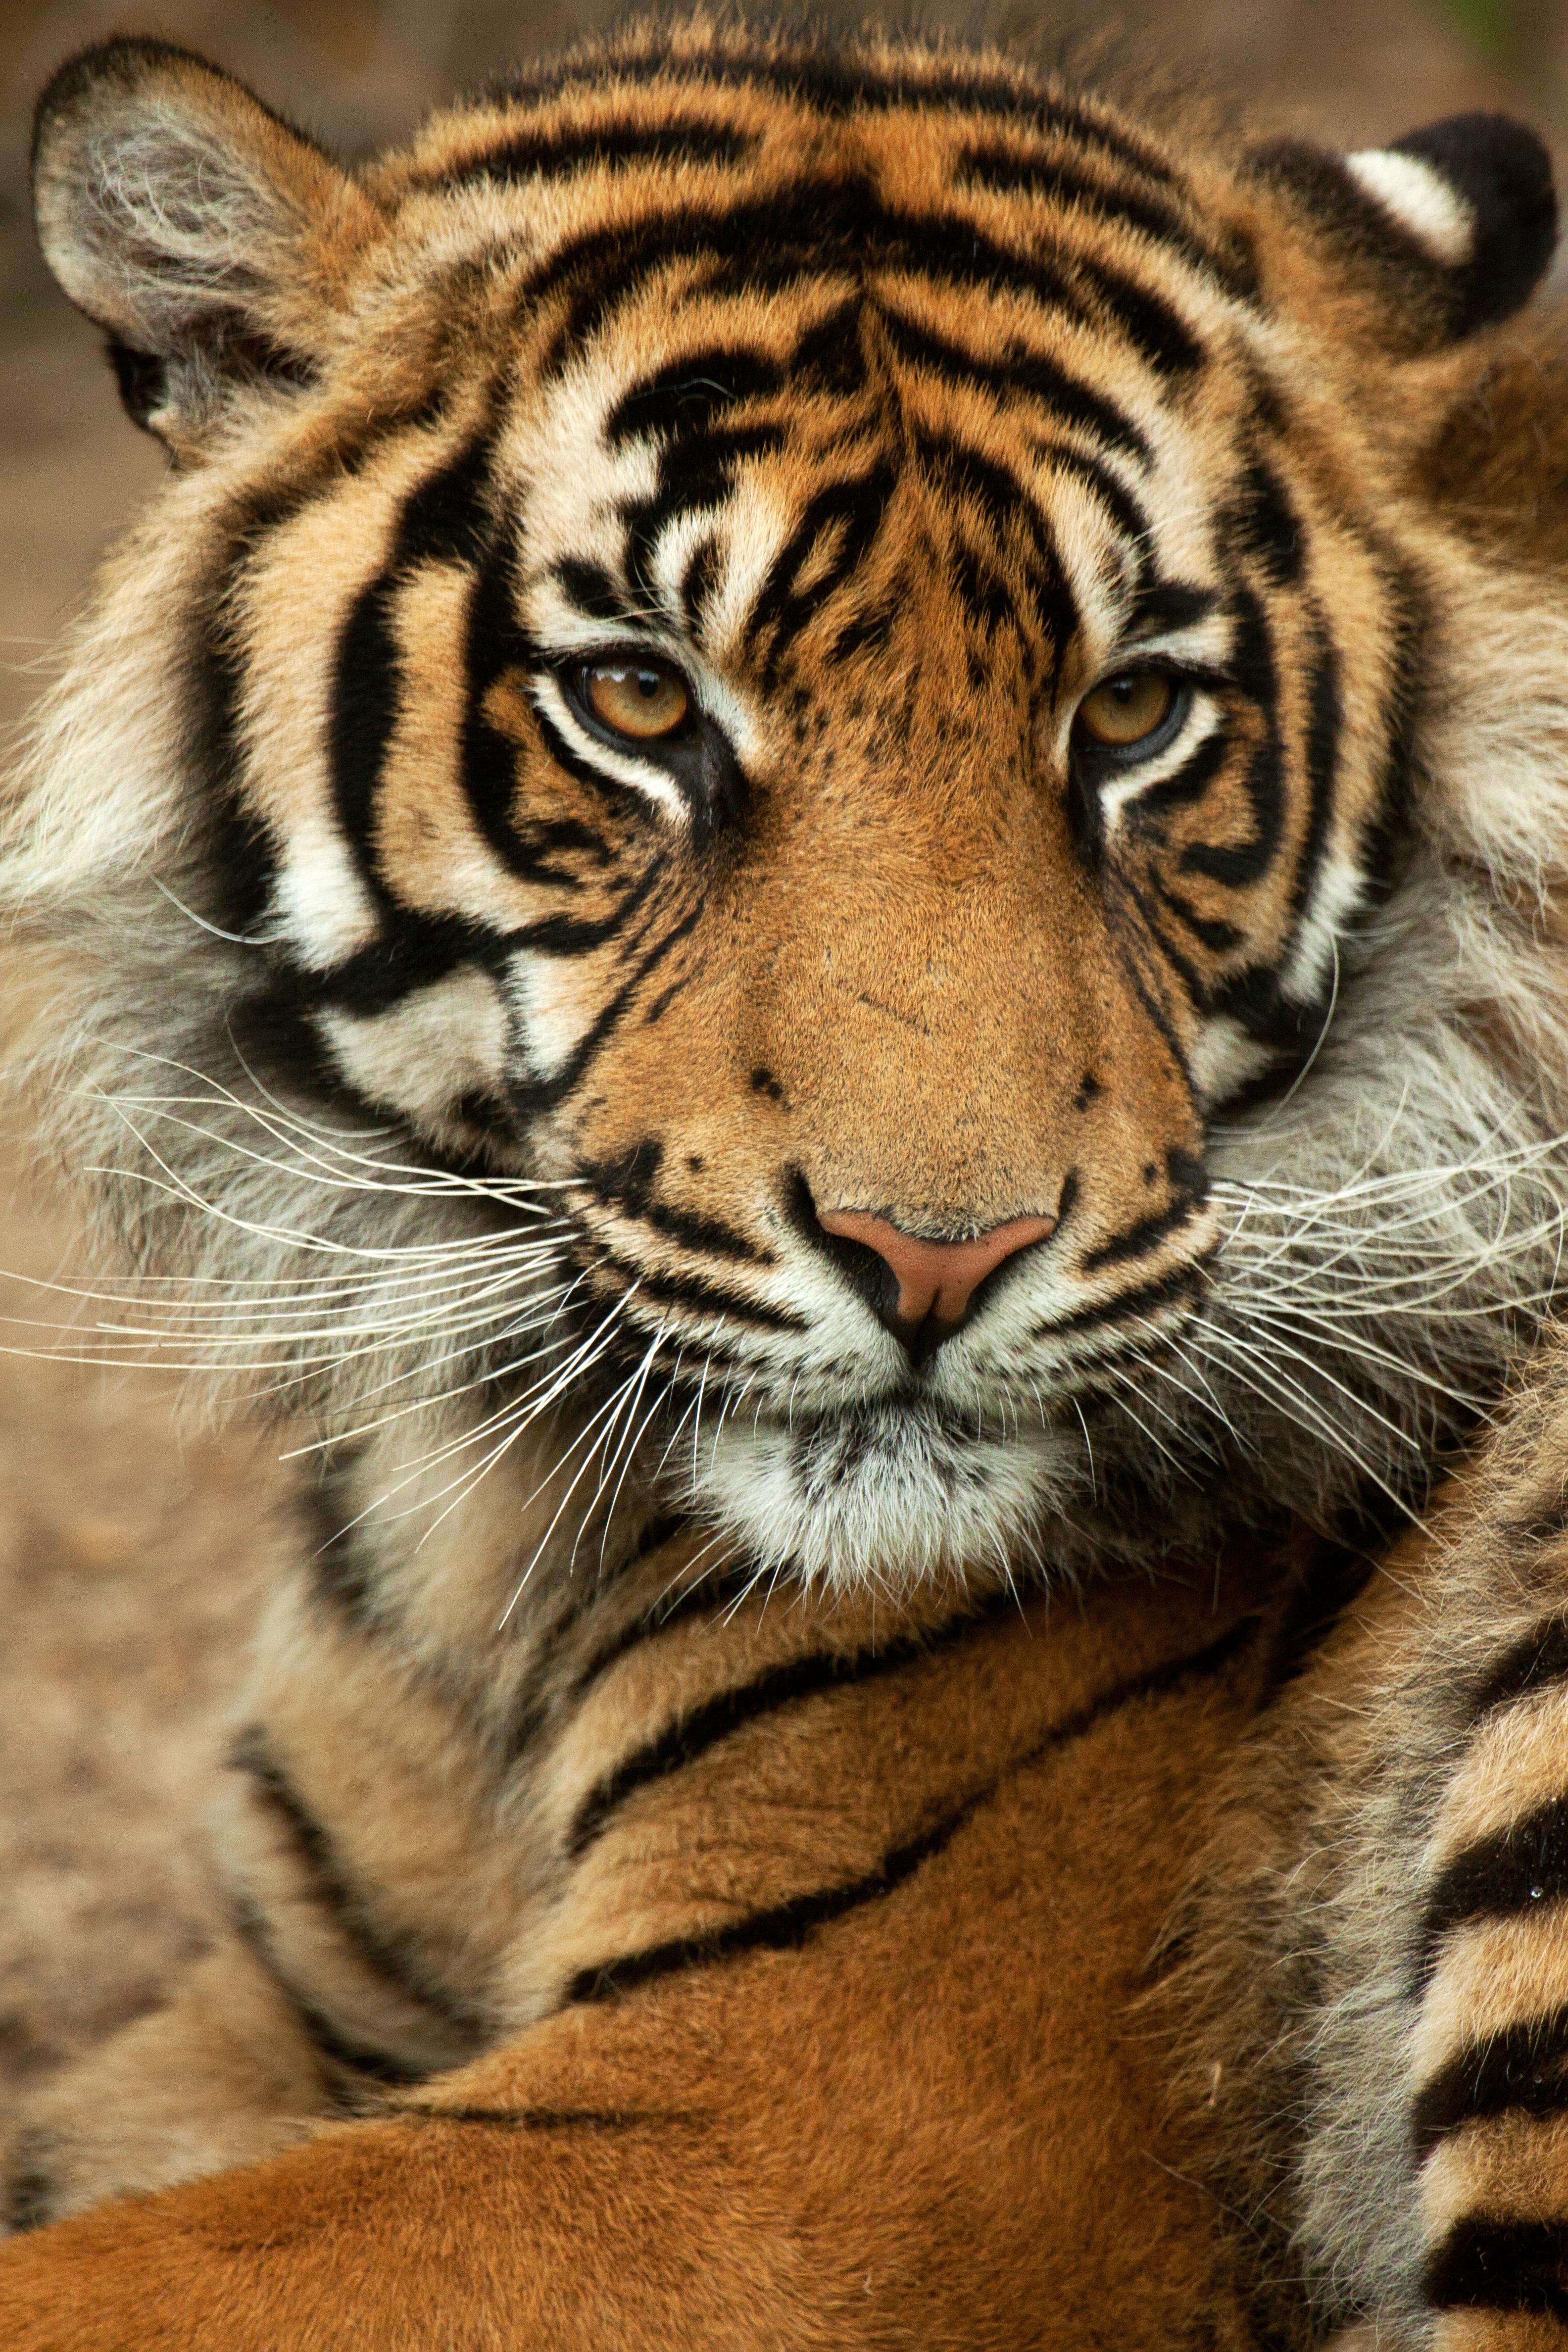 File:Sumatra-tiger Panthera-tigris-sumatrae.jpg - Wikimedia Commons